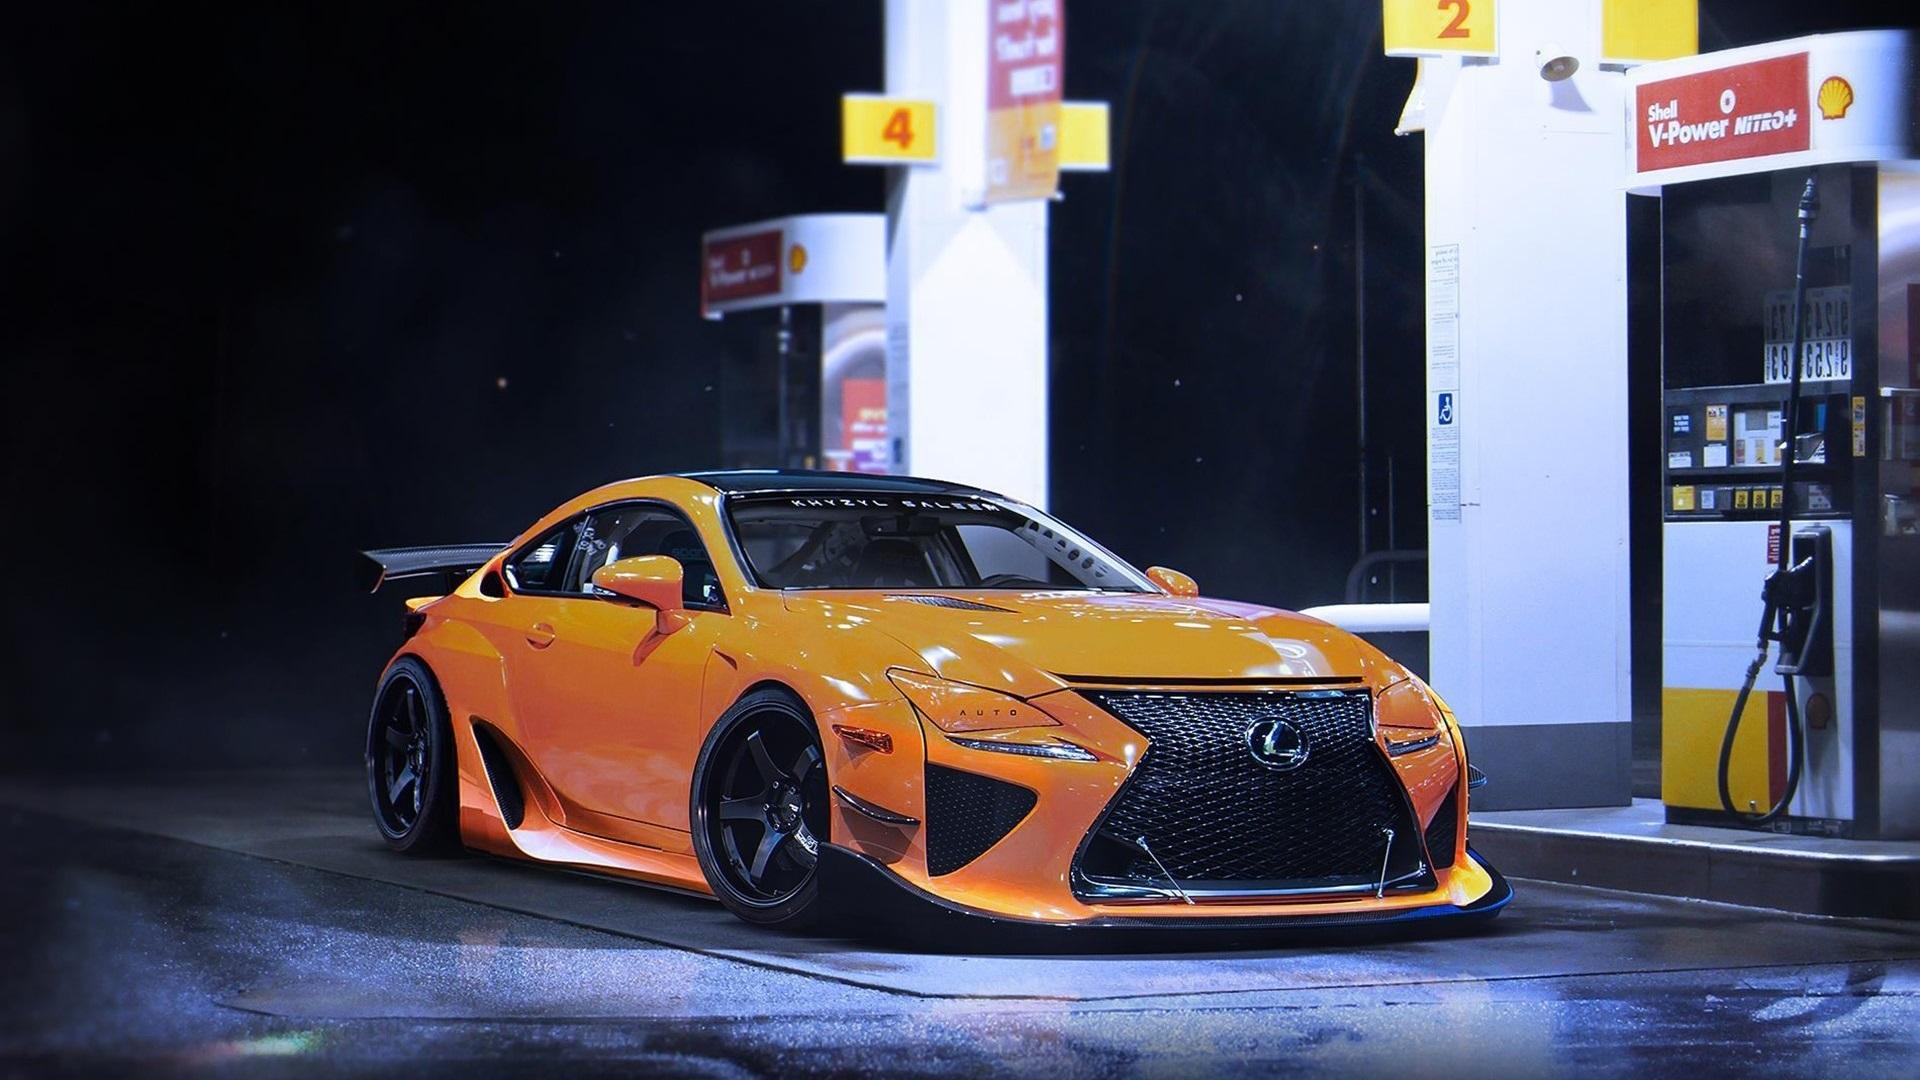 Fonds Décran Lexus Rcf Une Voiture Sport Jaune Nuit